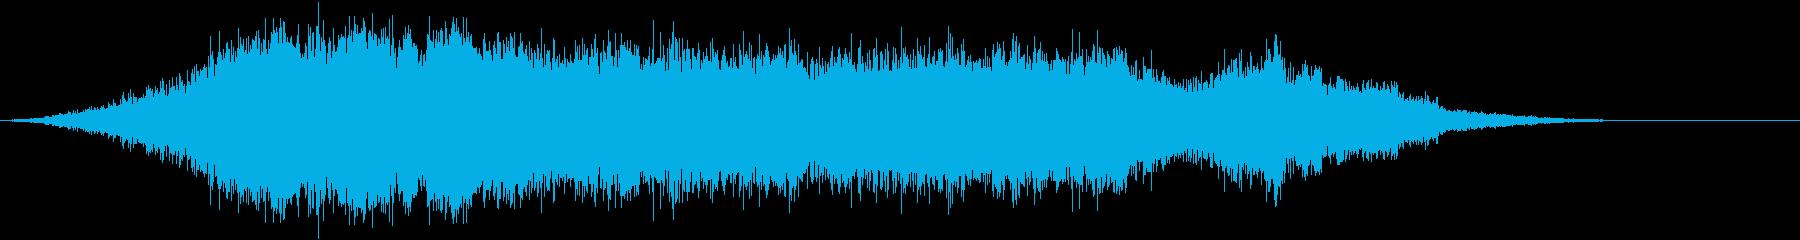 音楽:不気味なオーケストラ、サウン...の再生済みの波形